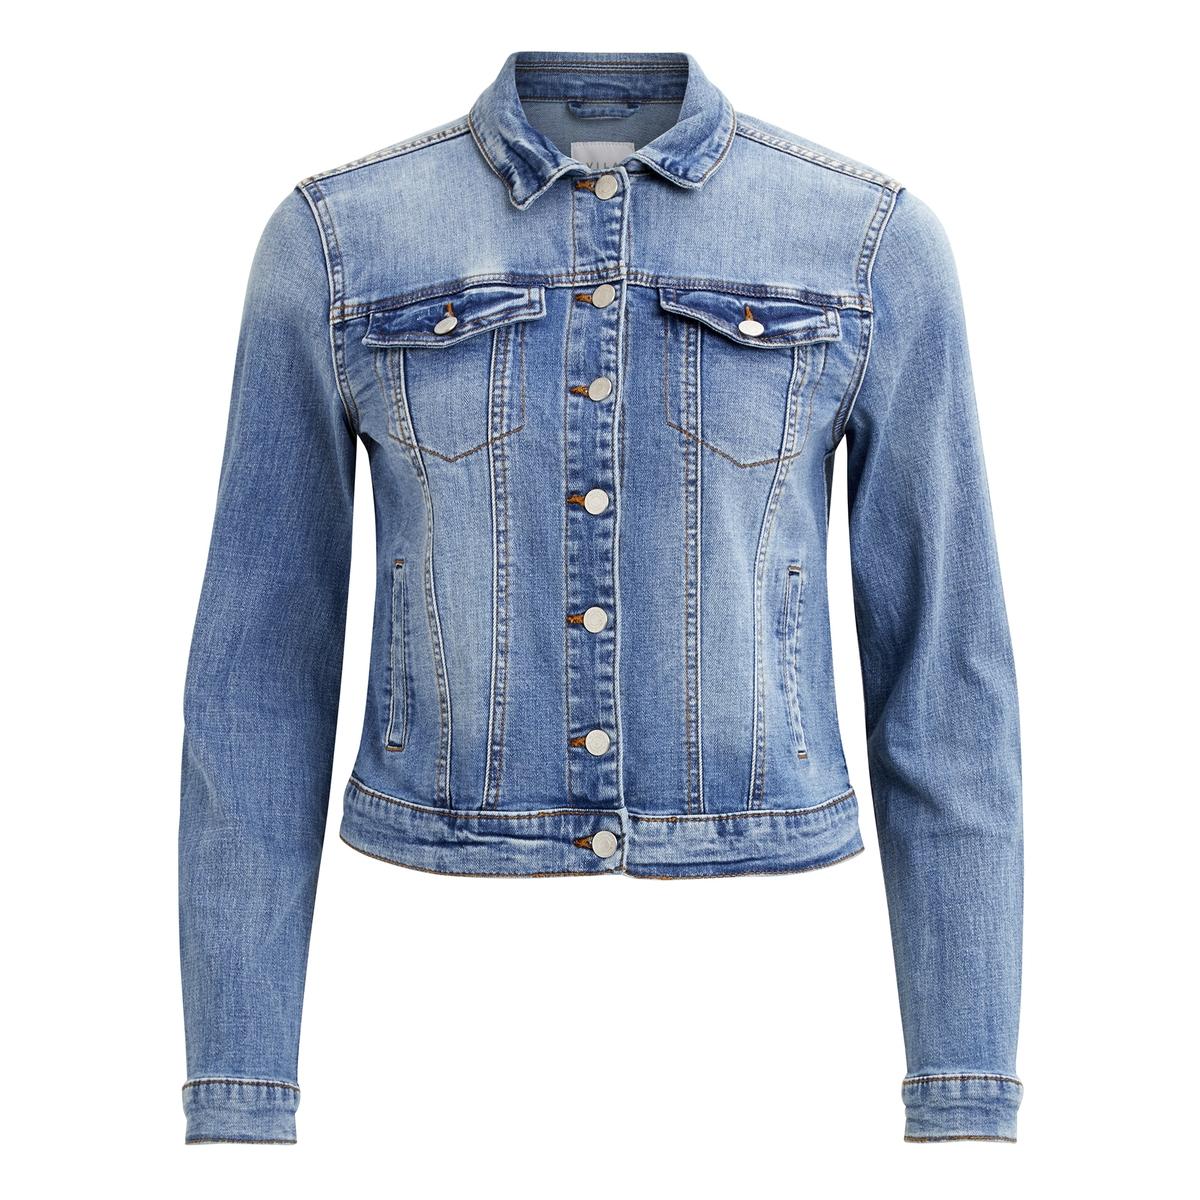 Жакет La Redoute Прямого покроя из джинсовой ткани S синий рубашка la redoute джинсовая узкая jjesheridan s синий